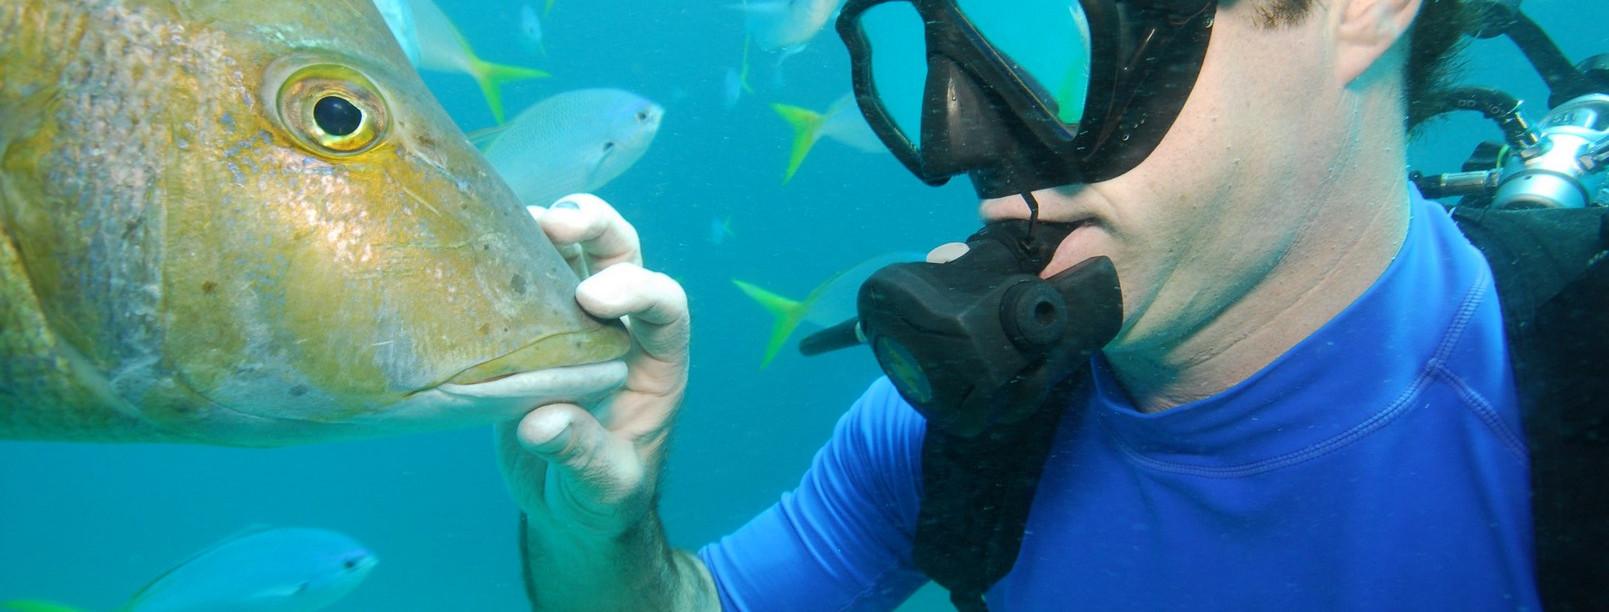 Troy Underwater Selfies 019.jpg